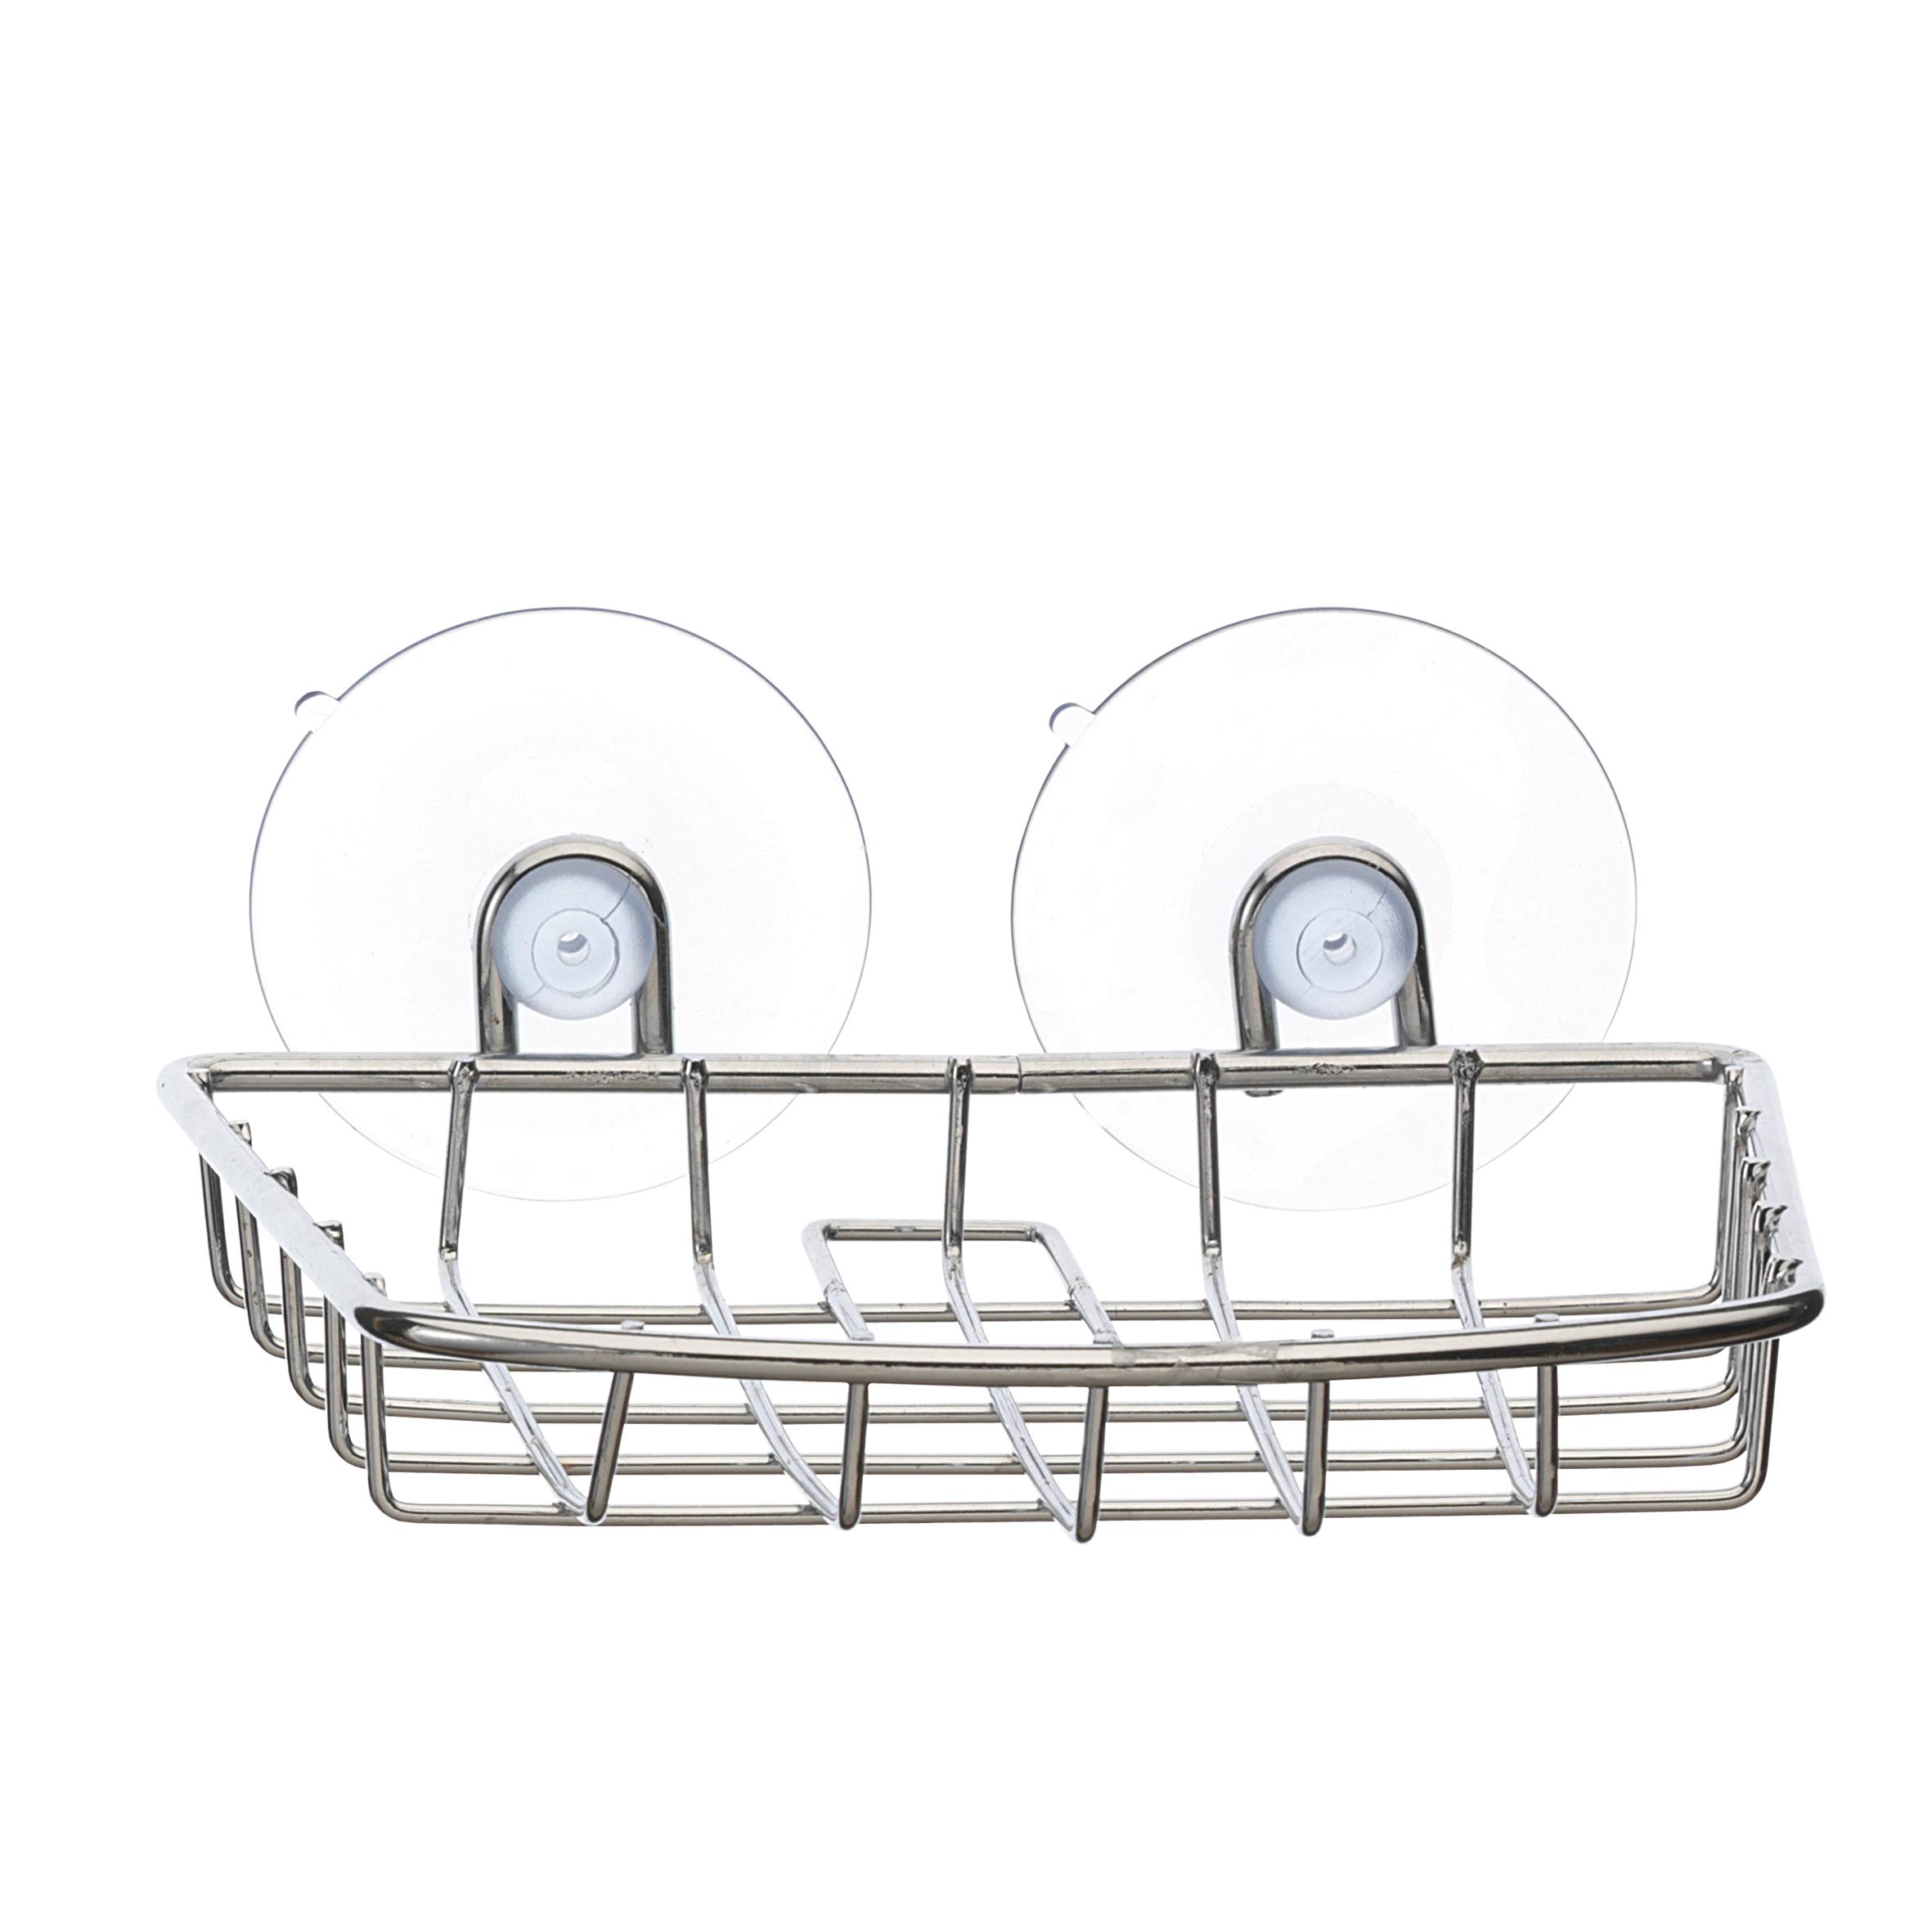 Мыльница Top Star, подвесная, на присосках282315Настенная мыльница Top Star изготовлена из высококачественной хромированной стали. Устойчива к коррозии в условиях высокой влажности в ванной комнате. Крепится к стене на двух присосках (входят в комплект).Такая мыльница притягивает взгляд и прекрасно подойдет к интерьеру ванной комнаты.